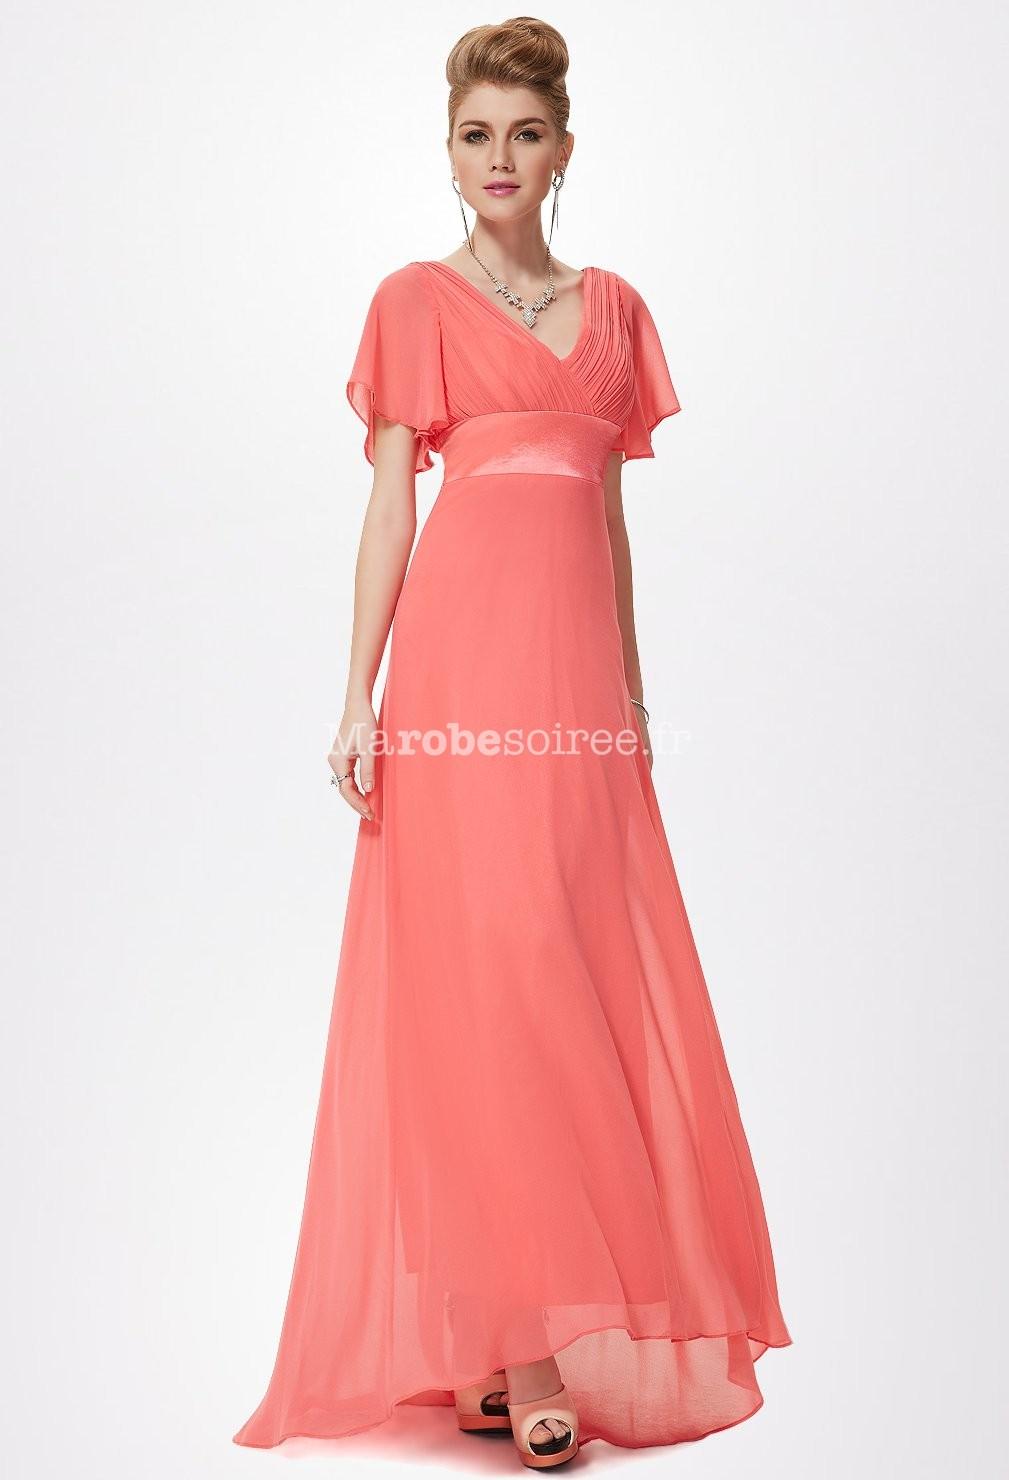 Robe de soir e glamour manches courtes d collet en v for Robe maxi corail pour mariage